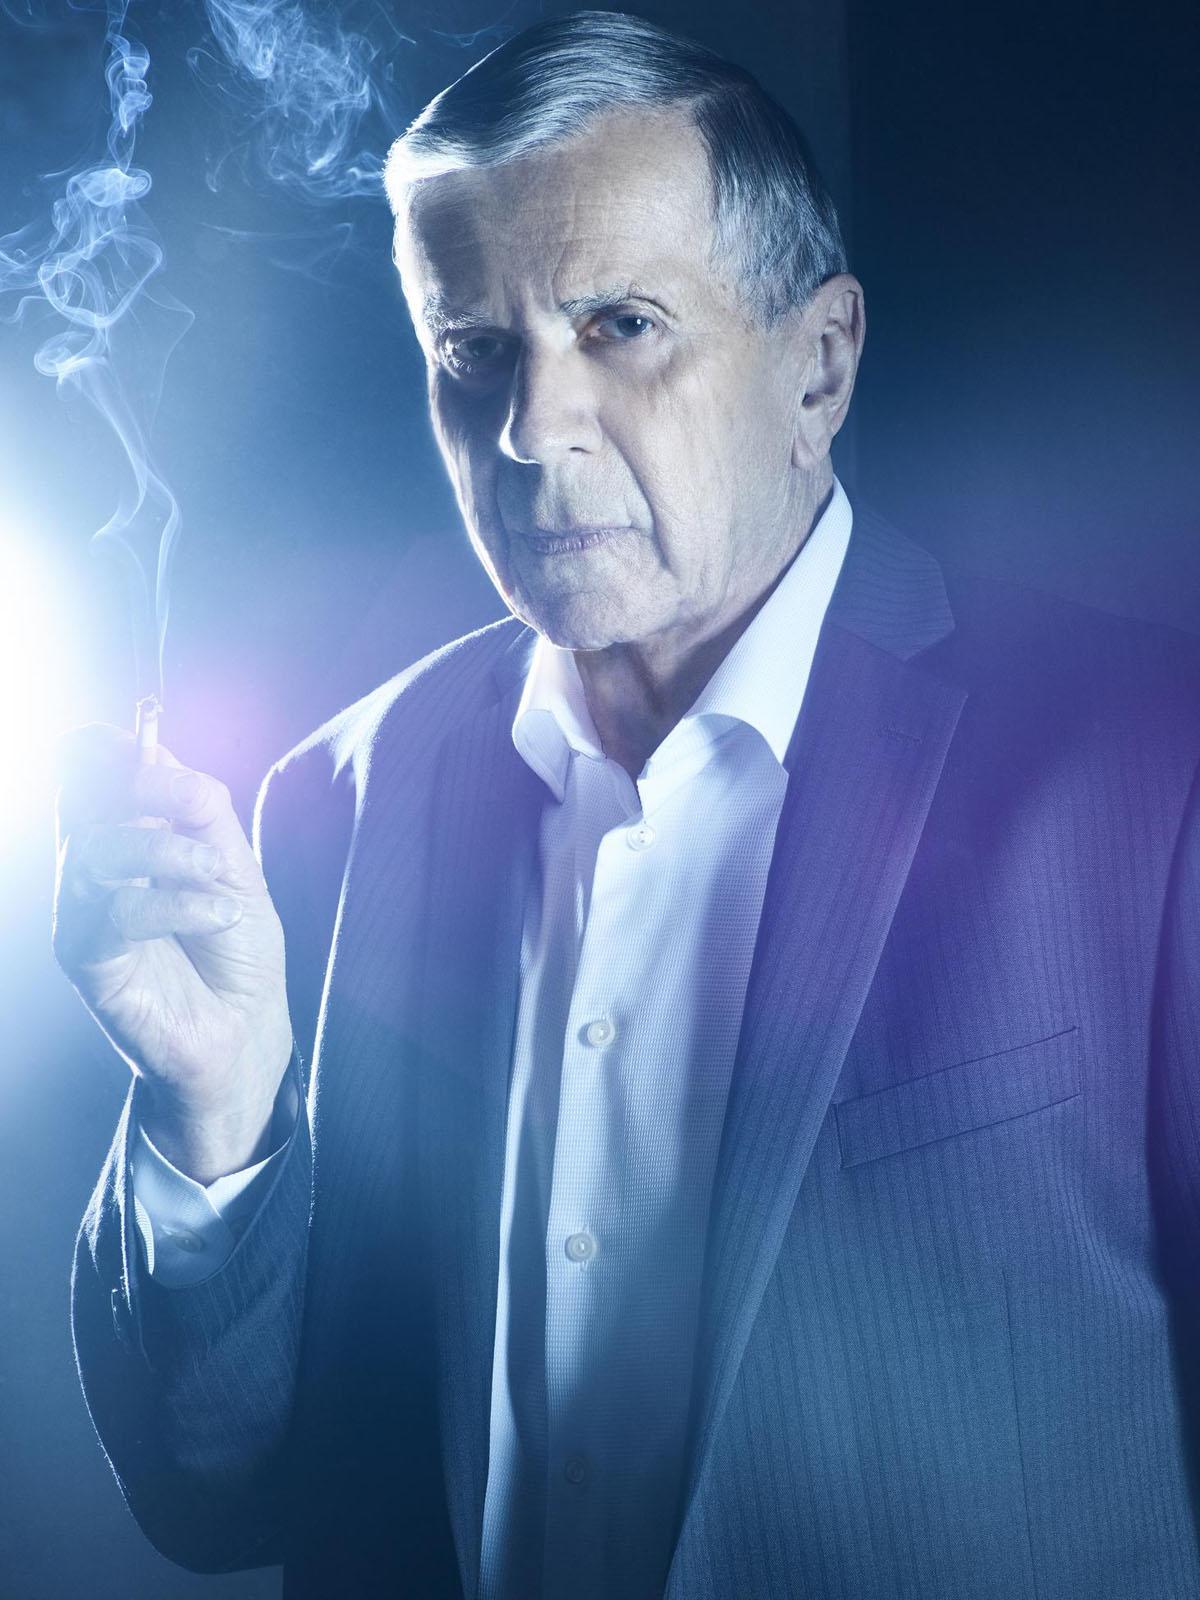 Cigarette Smoking Man | X-Files Wiki | FANDOM powered by Wikia